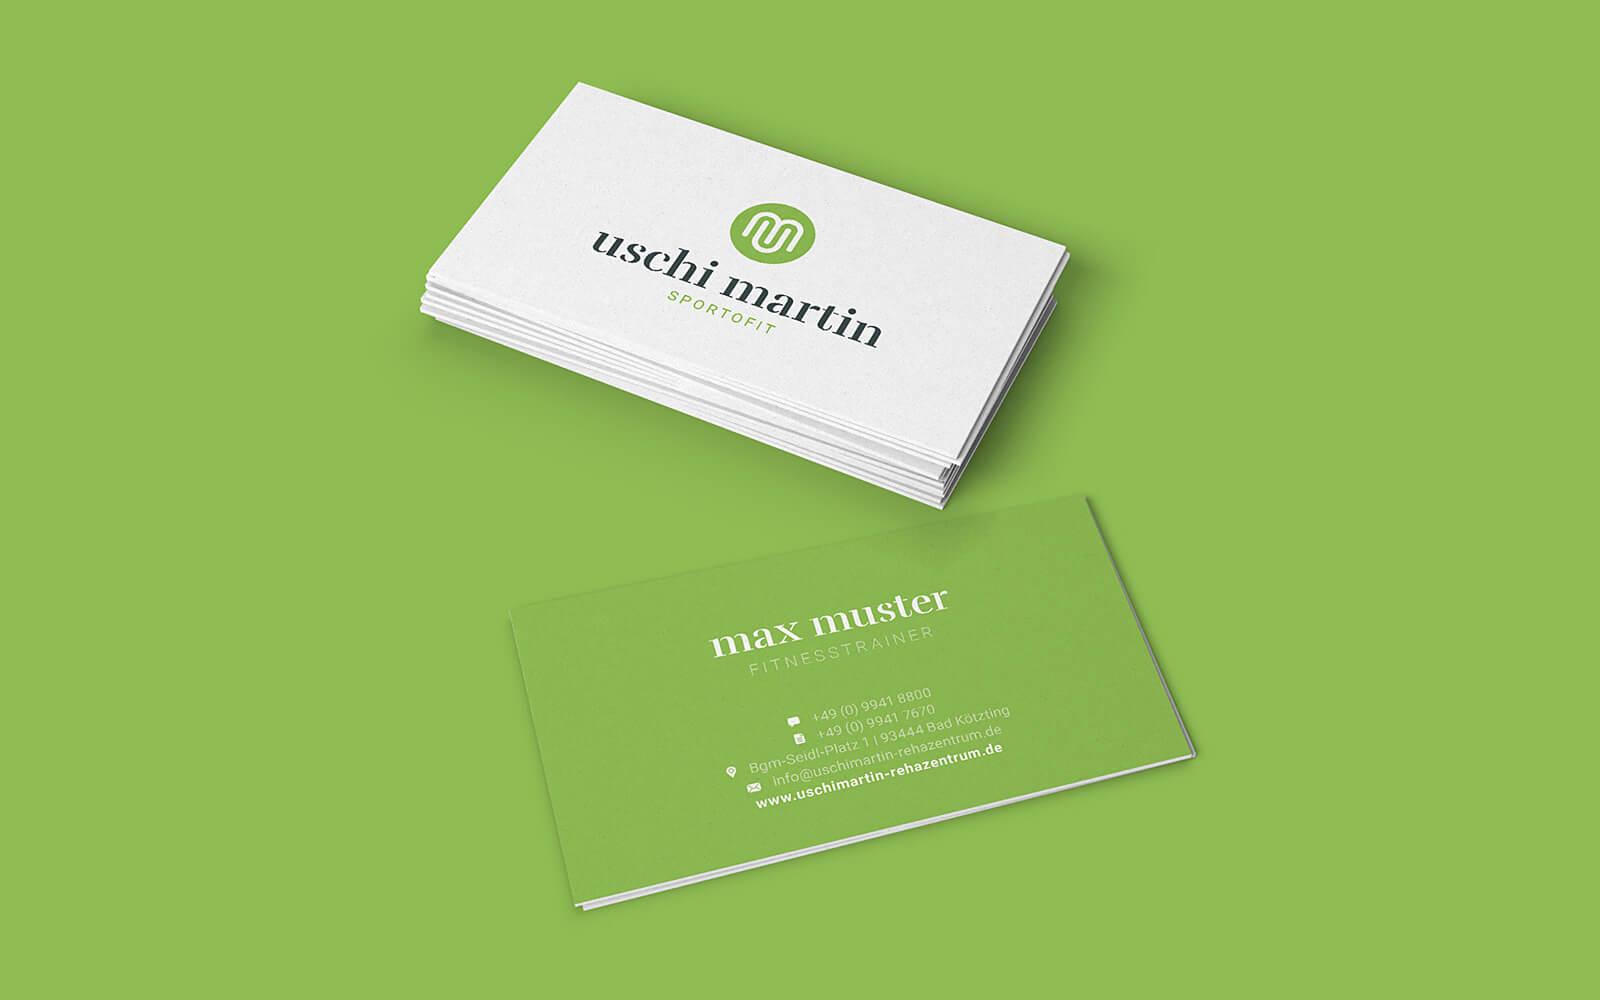 Uschi Martin – Visitenkarten für Sportofit